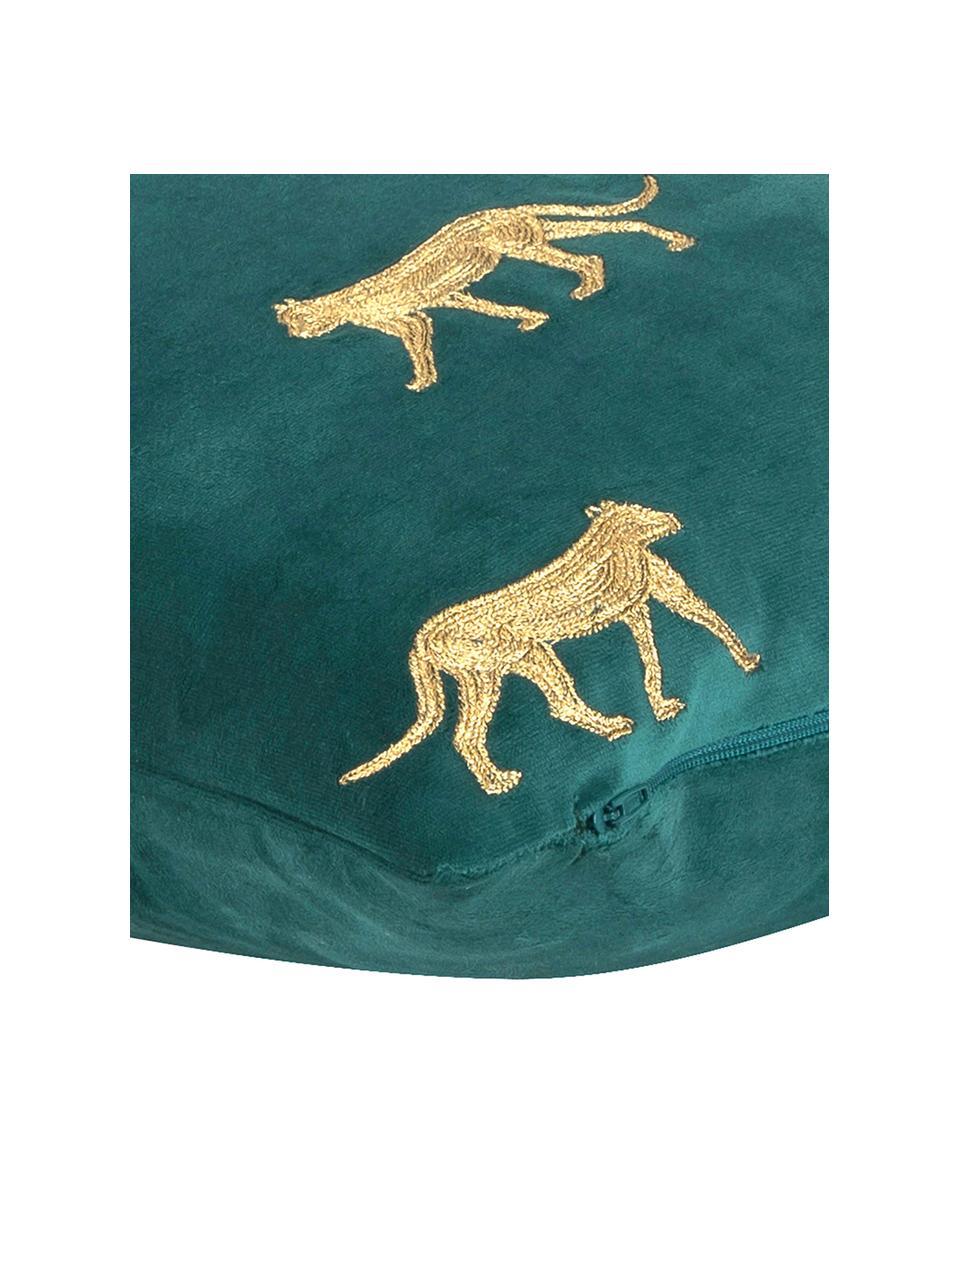 Haftowana poszewka na poduszkę z aksamitu Cheetah, Aksamit poliestrowy, Ciemnyzielony, odcienie złotego, S 40 x D 40 cm